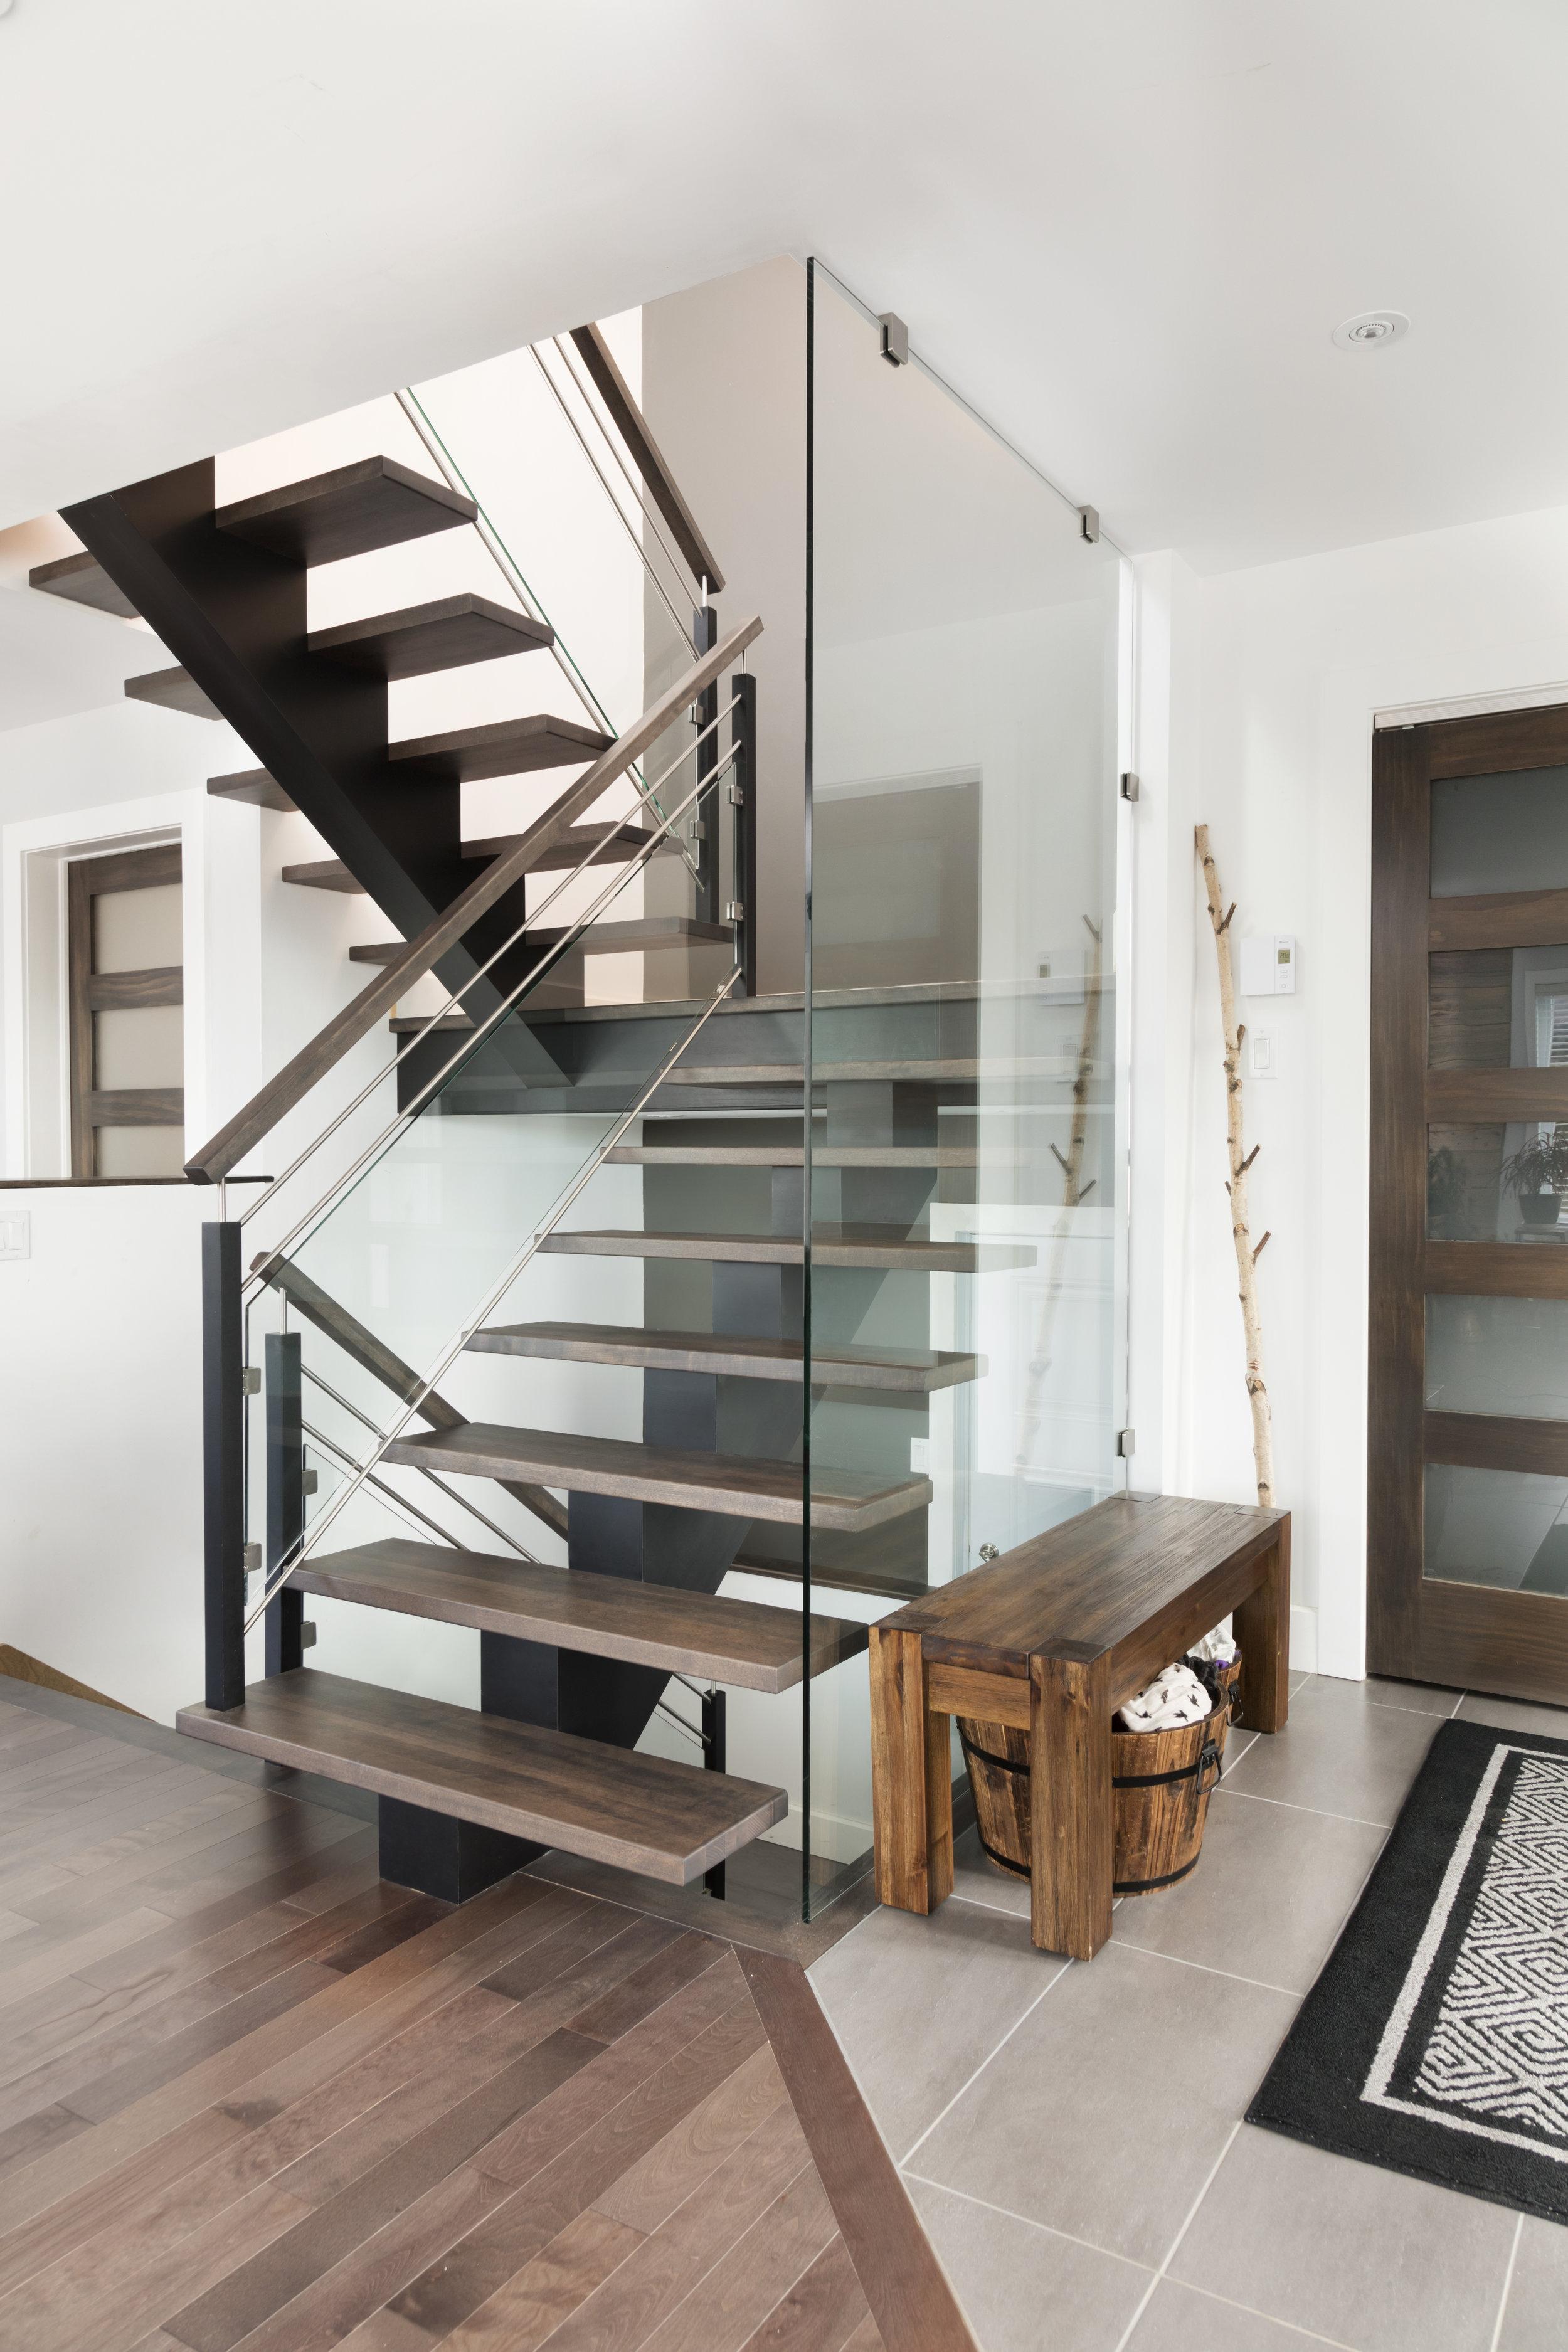 escaliers-sur-mesure-photographie-verre-bois